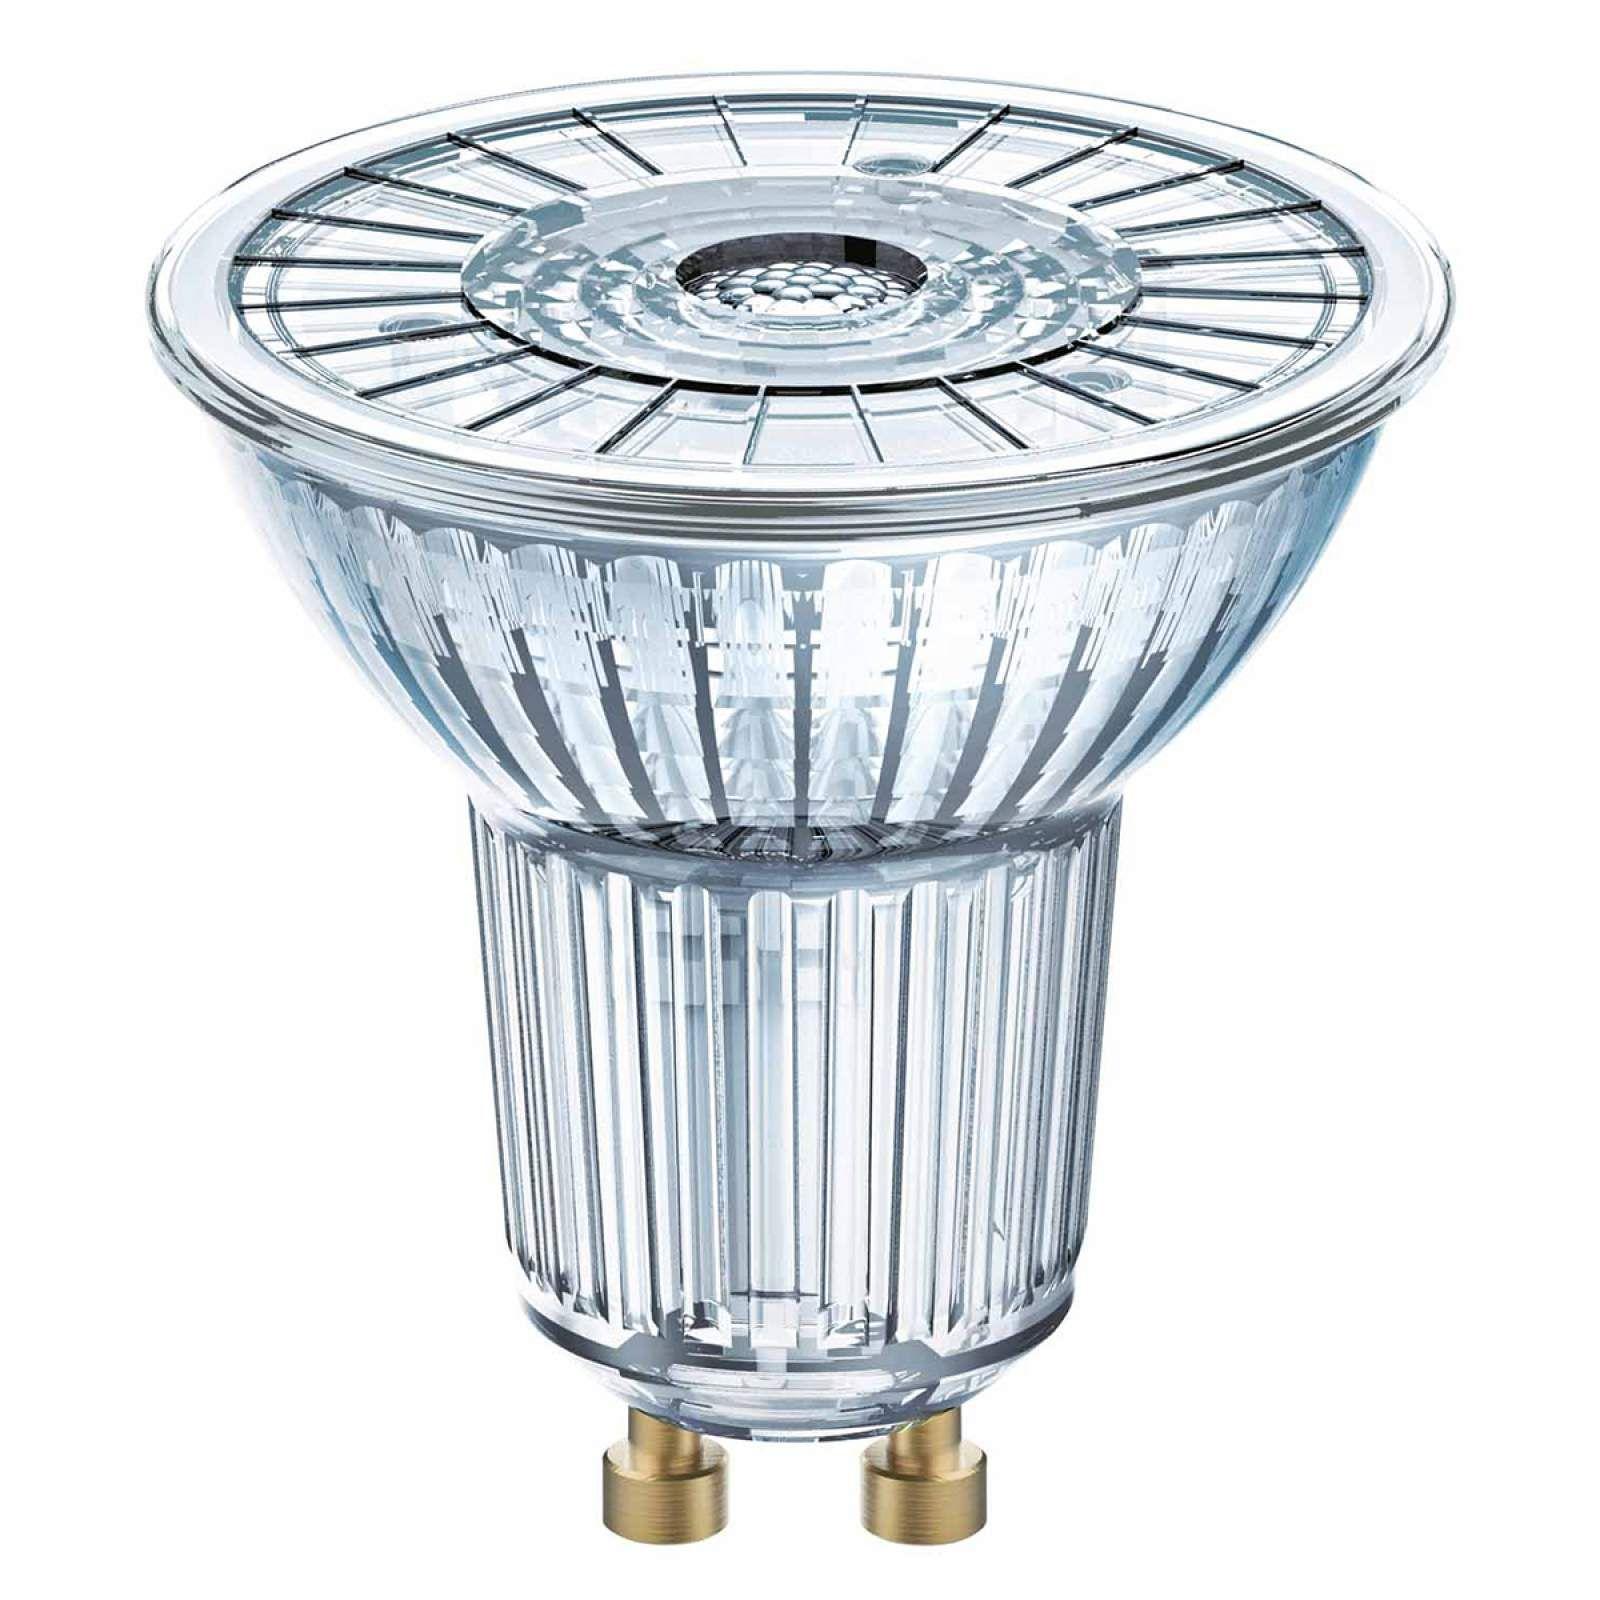 Led Lampe Gu10 4 3w Star Glas Von Osram In 2019 Led Glas Osram Und Led Lampe